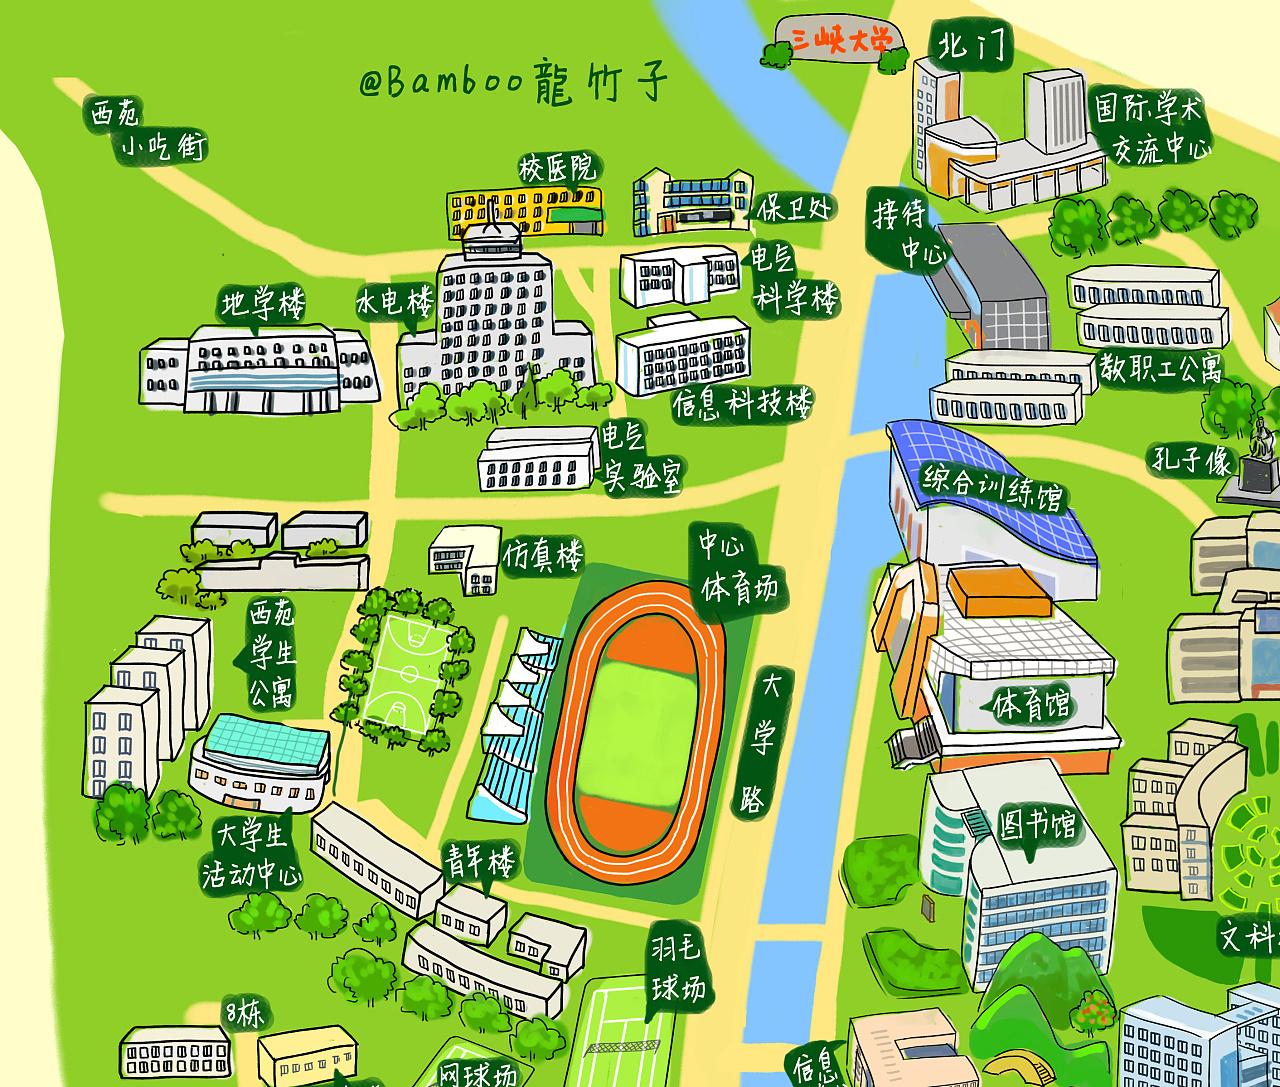 [三峡大学手绘地图]